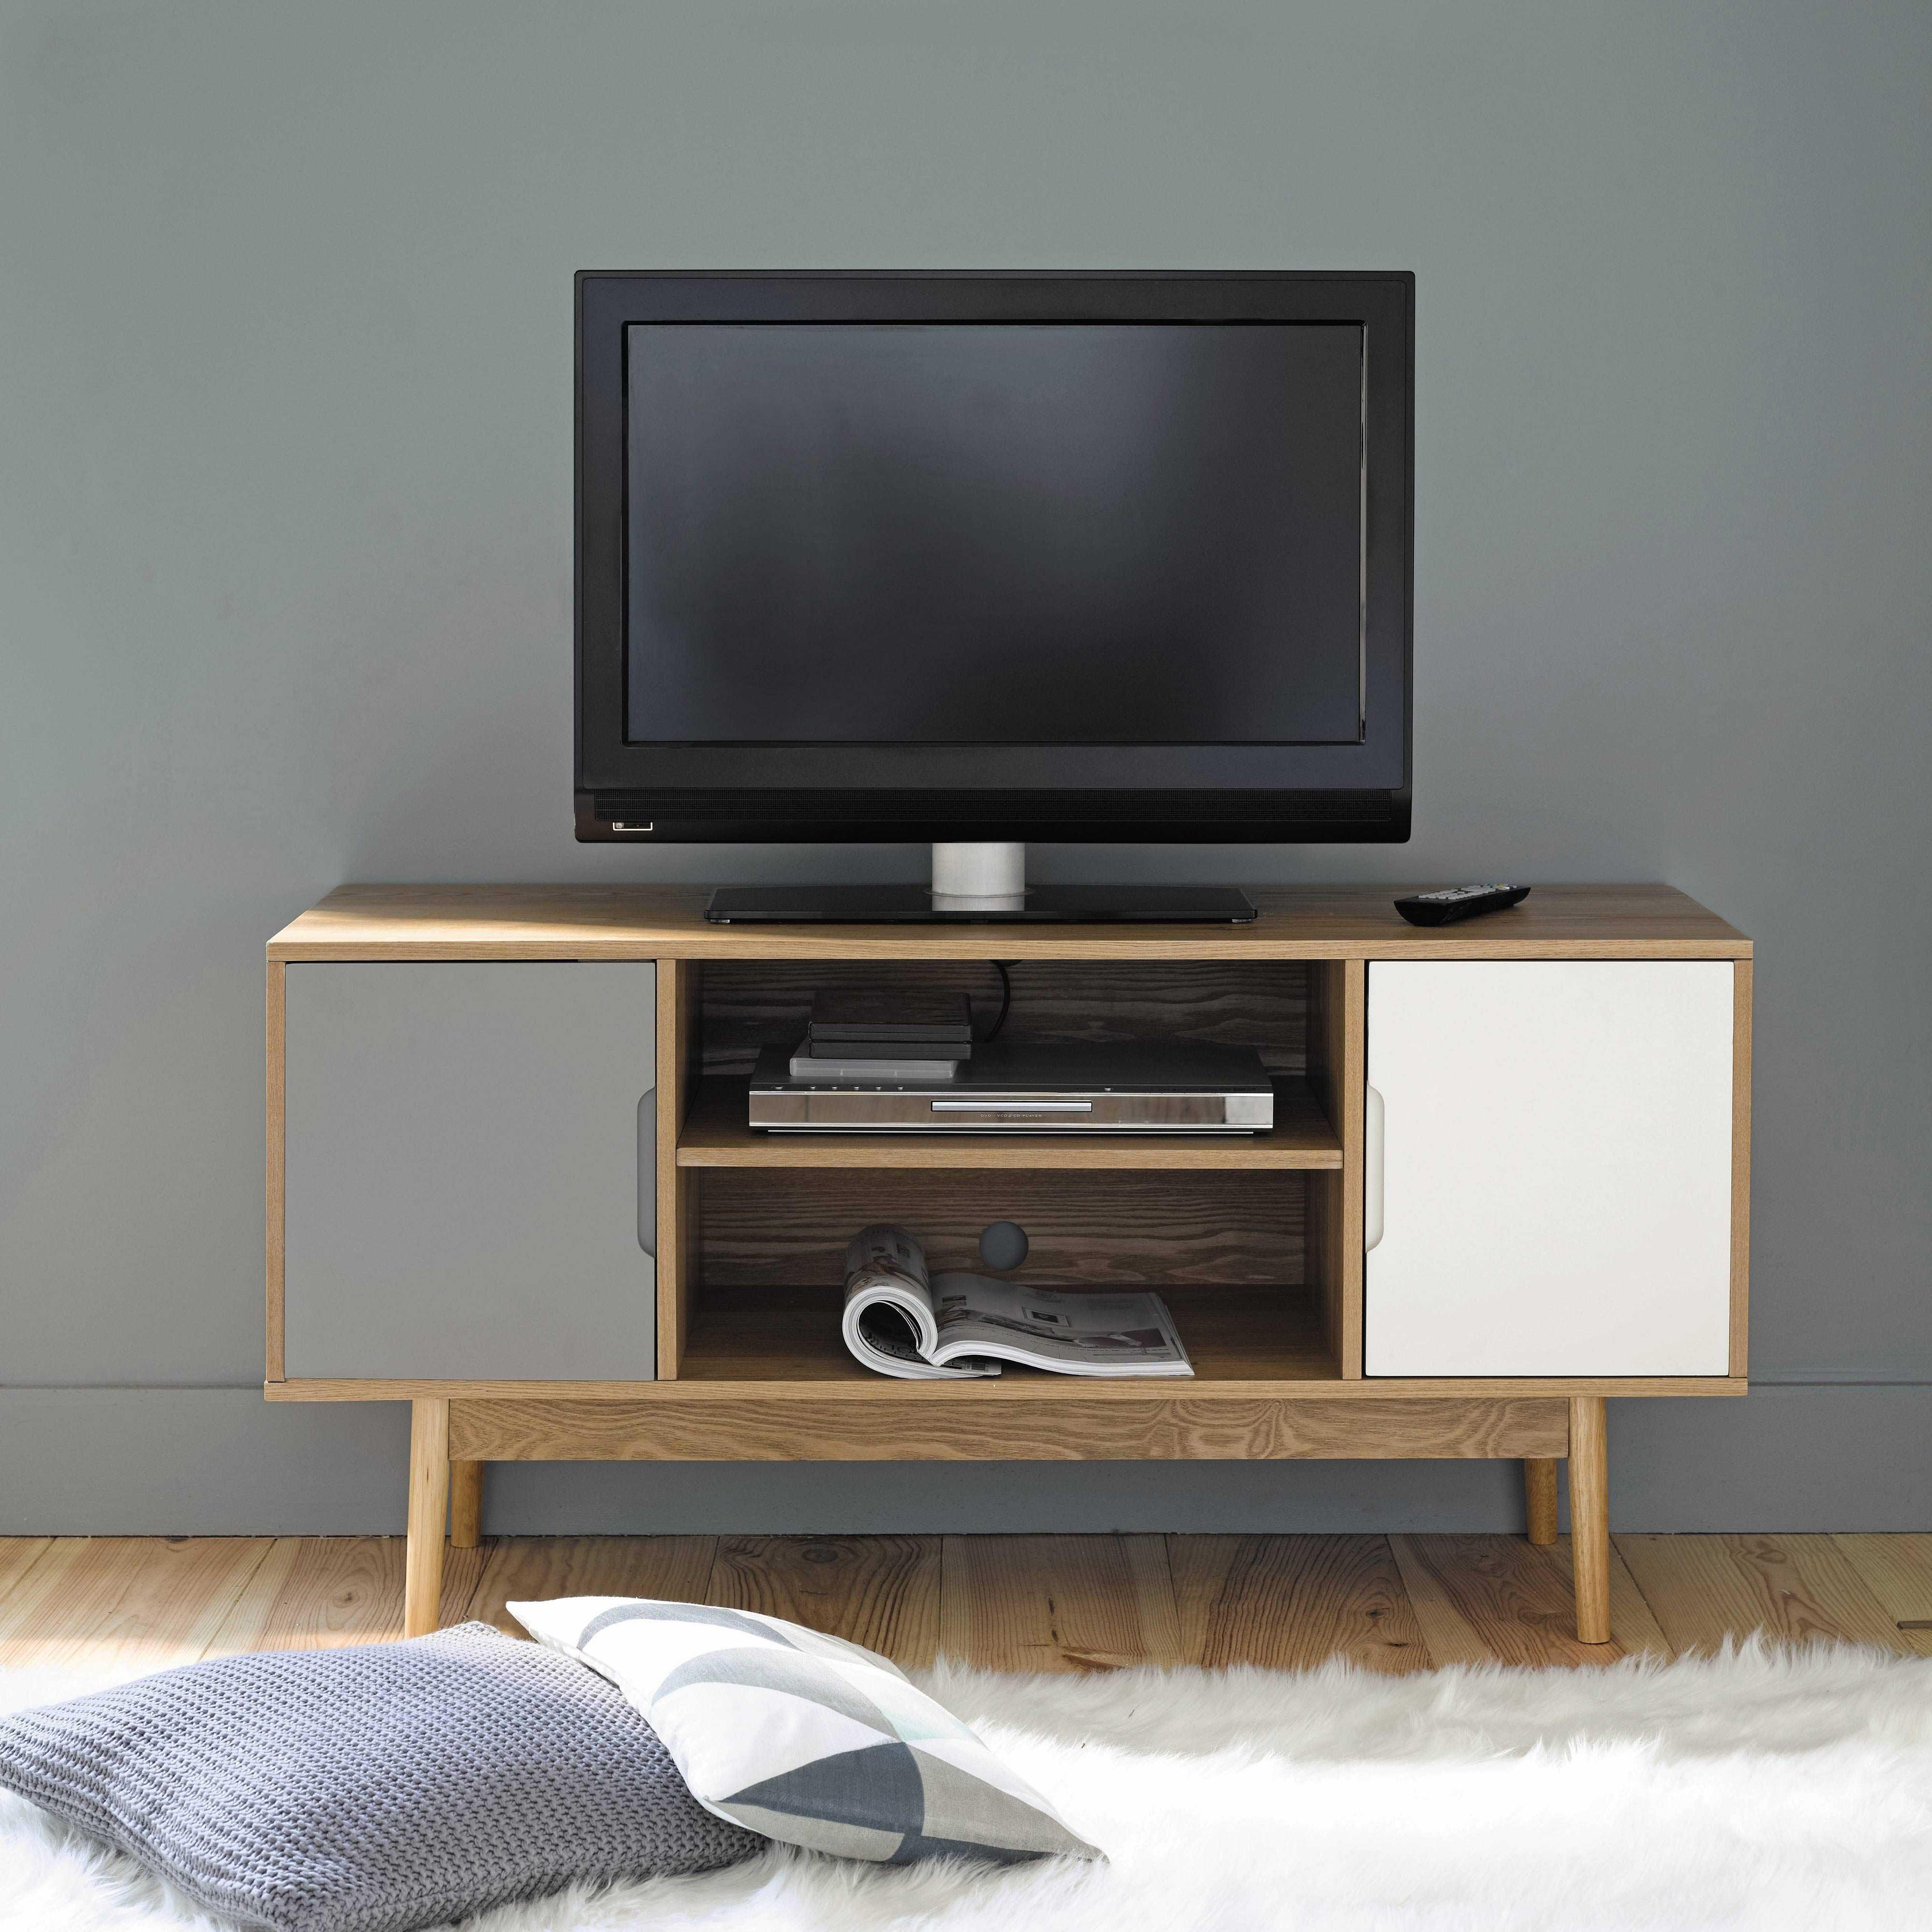 meuble tv vintage en bois l 120 cm fjord maisons du monde cheap tv units tv unit grey tv unit